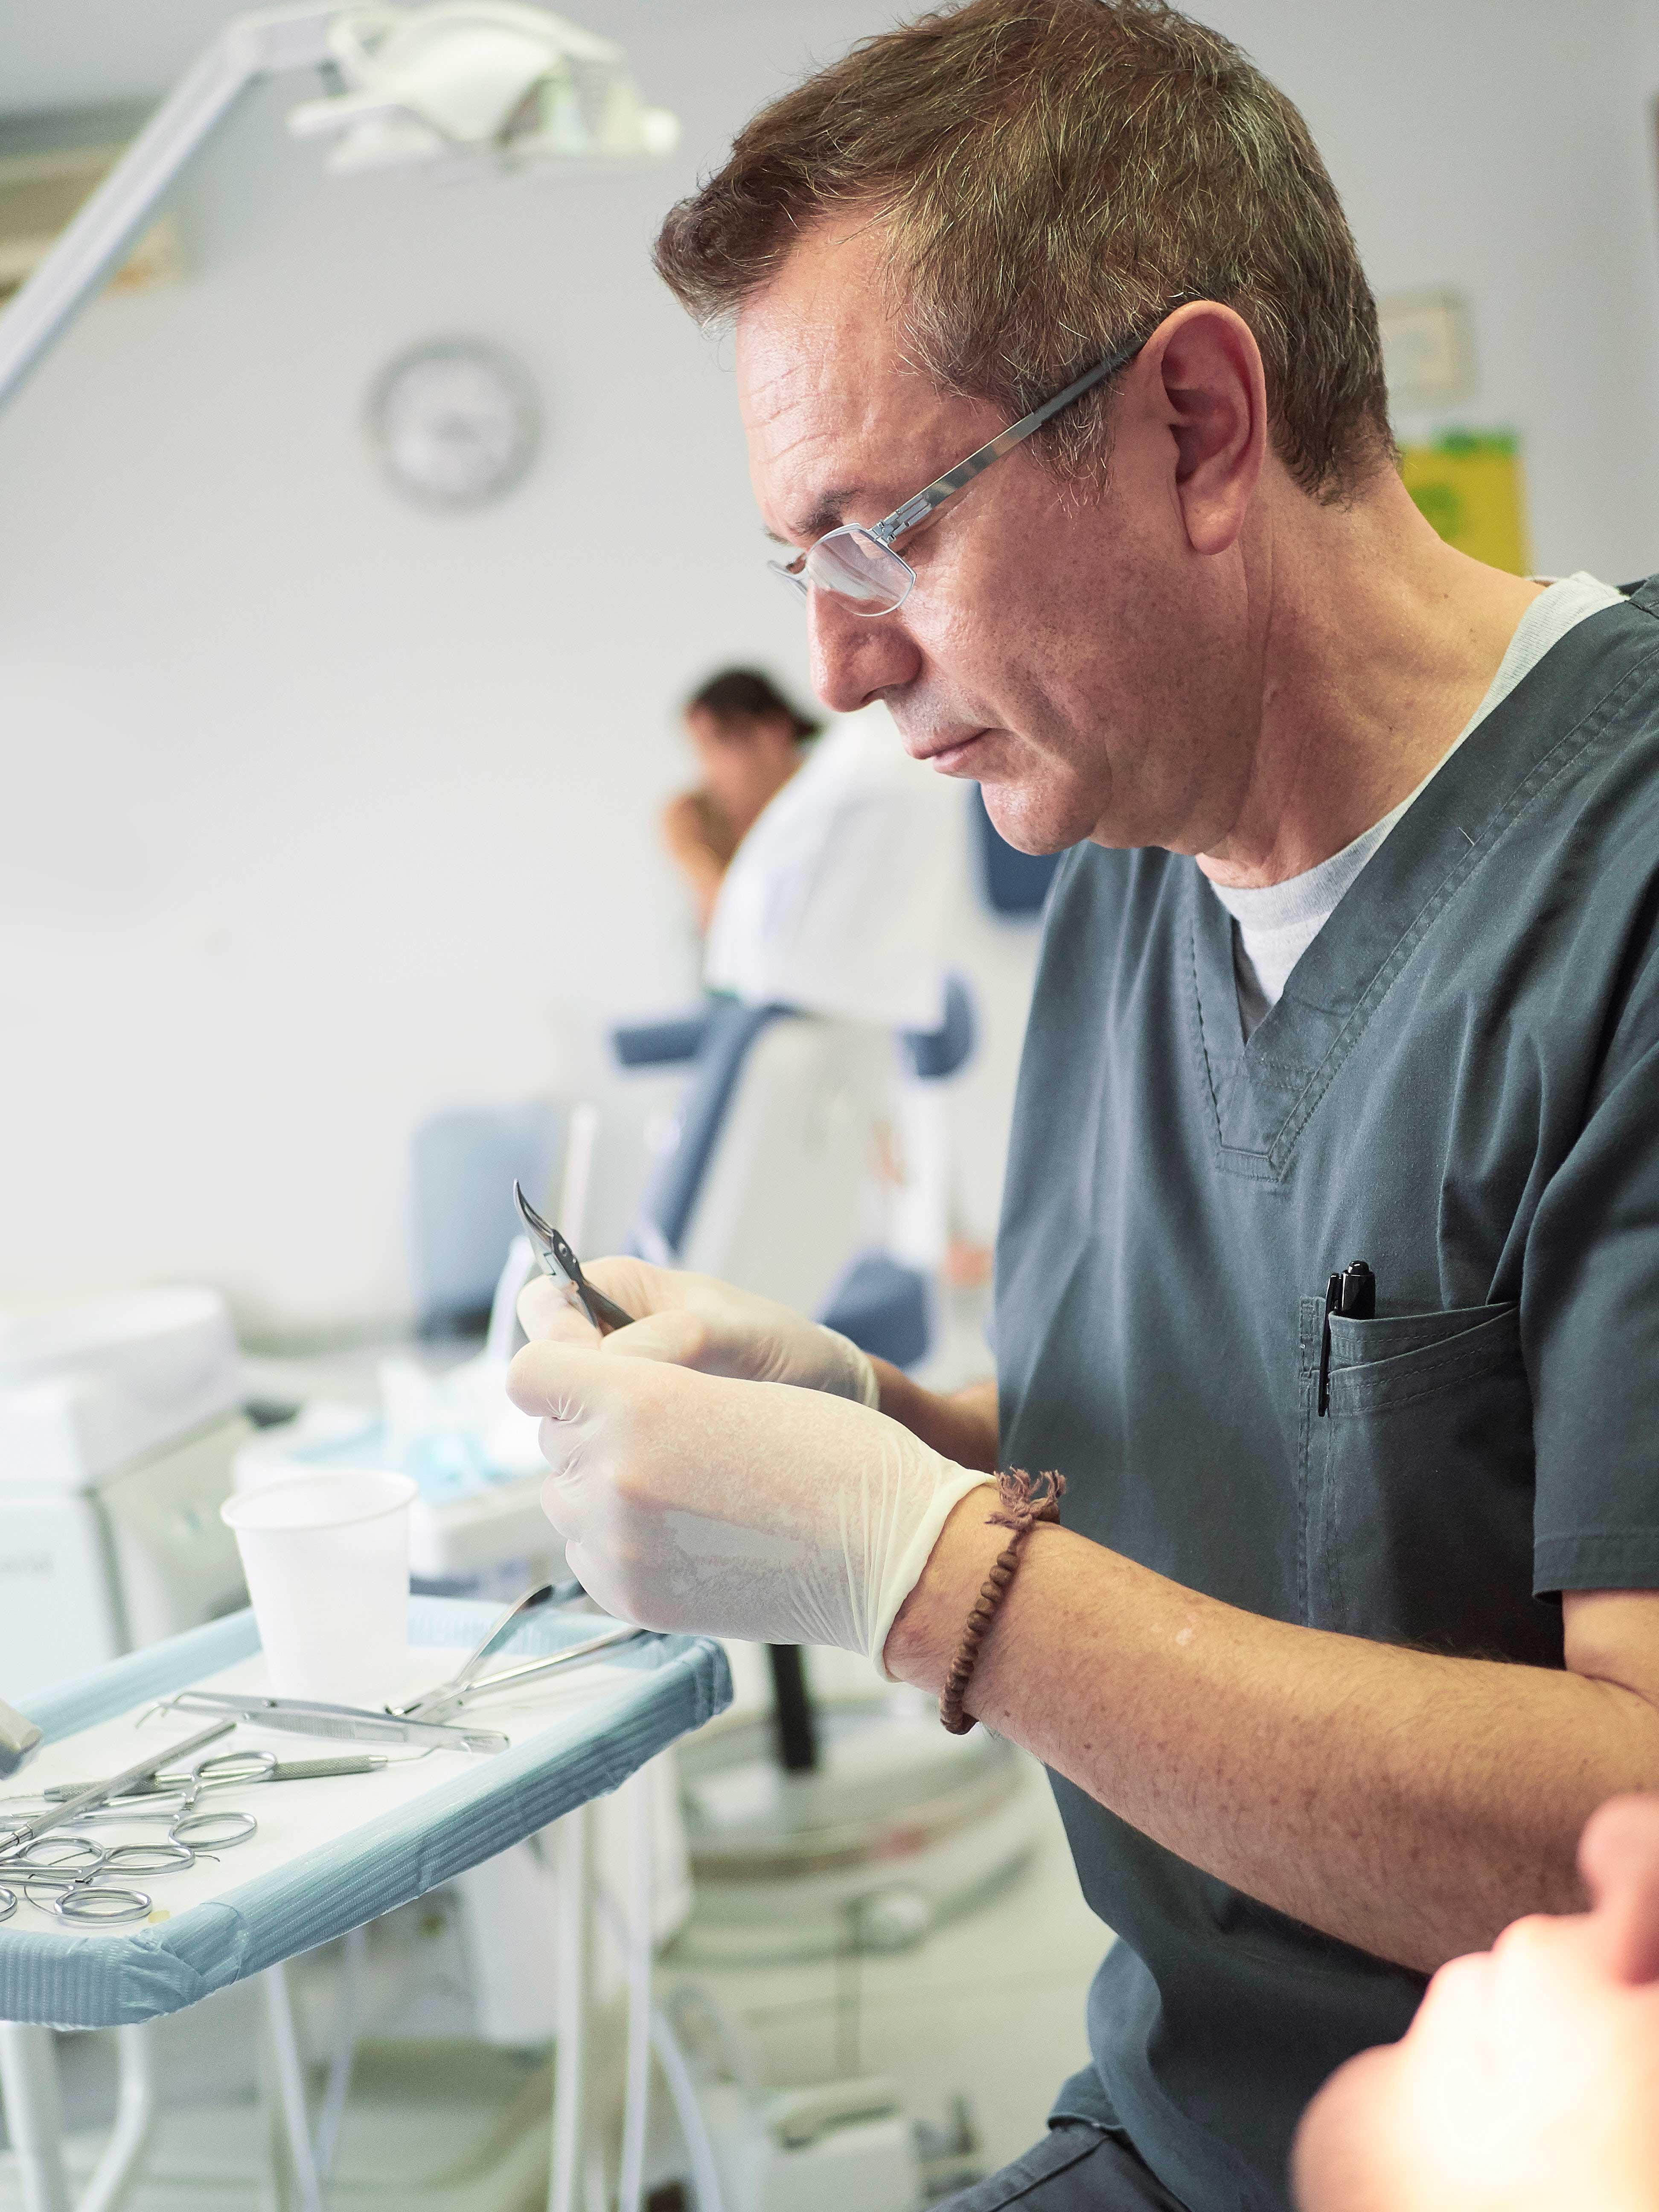 Clinica-6.2 conoce al equipo dentista Valladolid Ricardo Cartagena